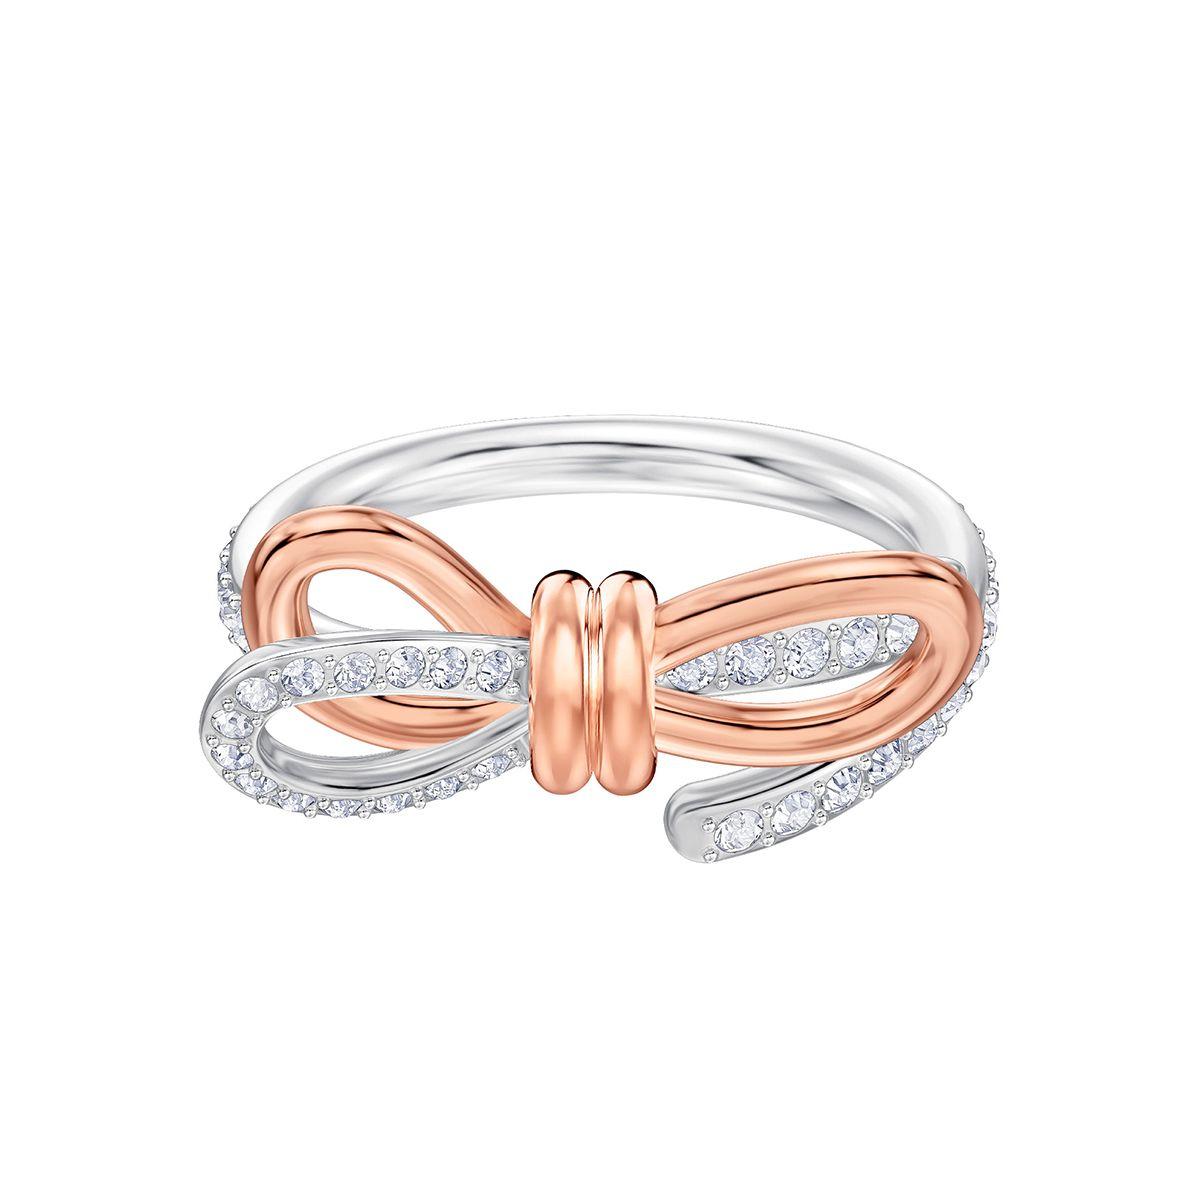 51eb2fd8b Rings Swarovski Jewelry - Macy's